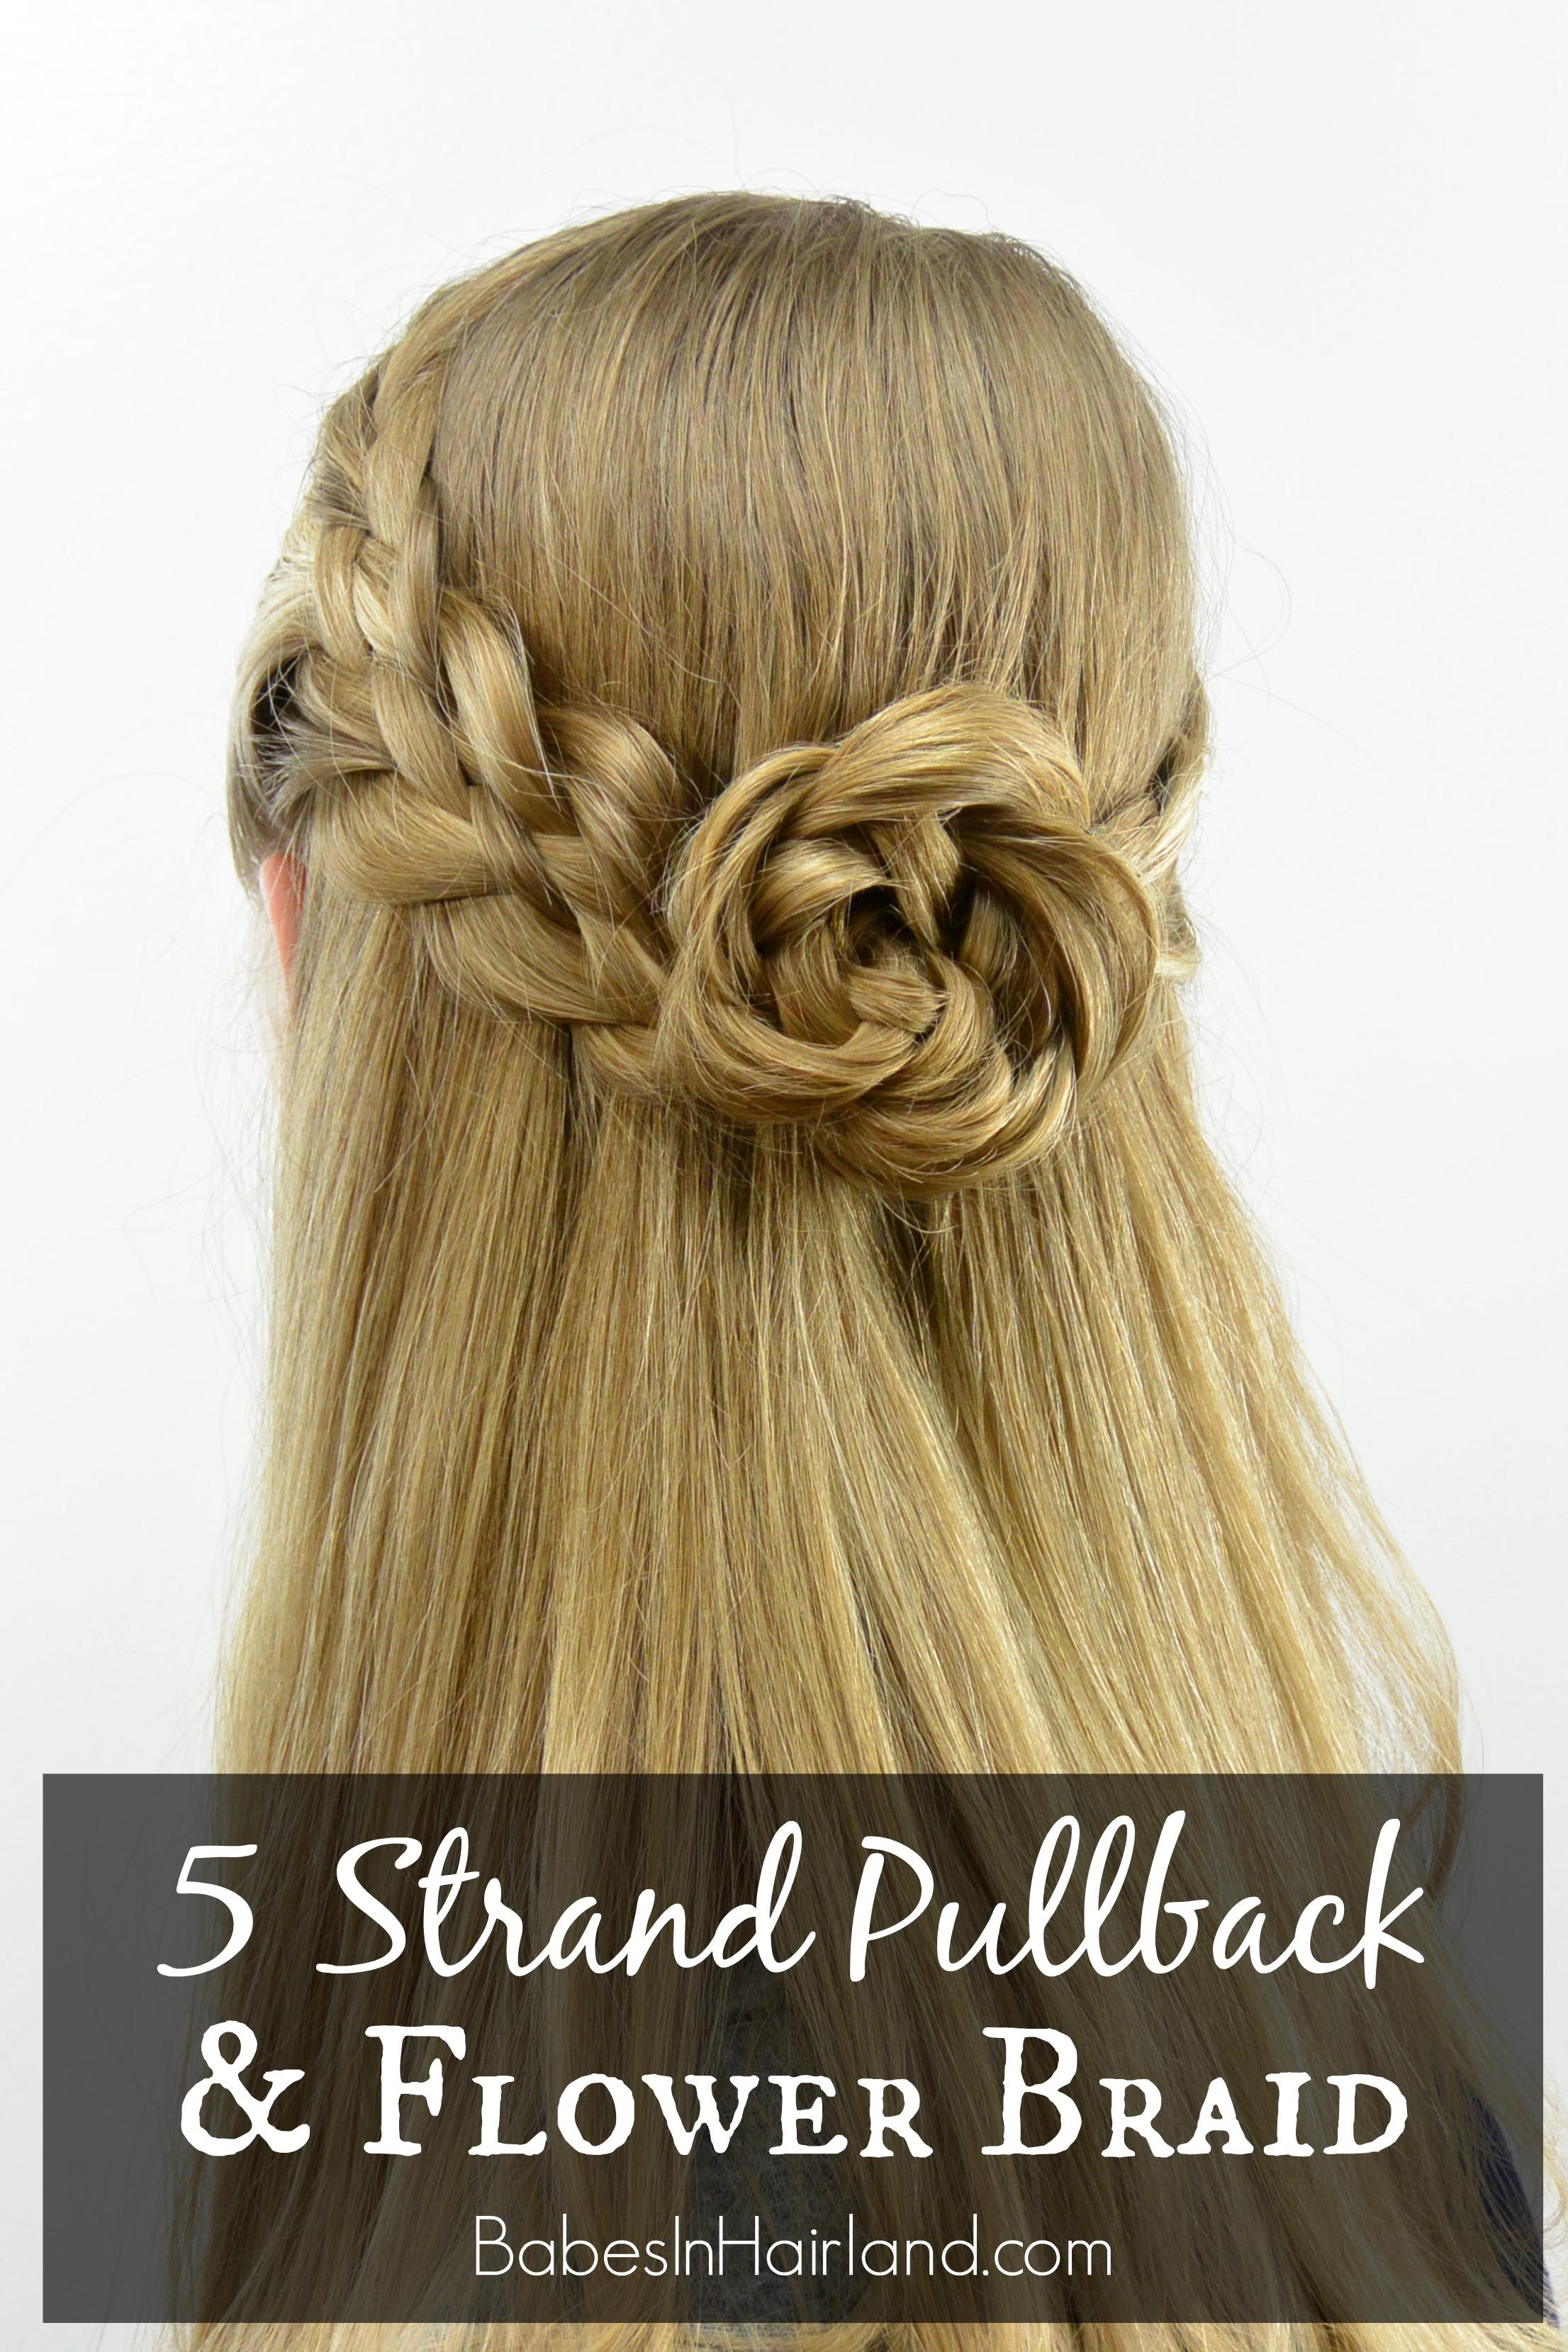 5 Strand Pullback & Flower Braid Rosette